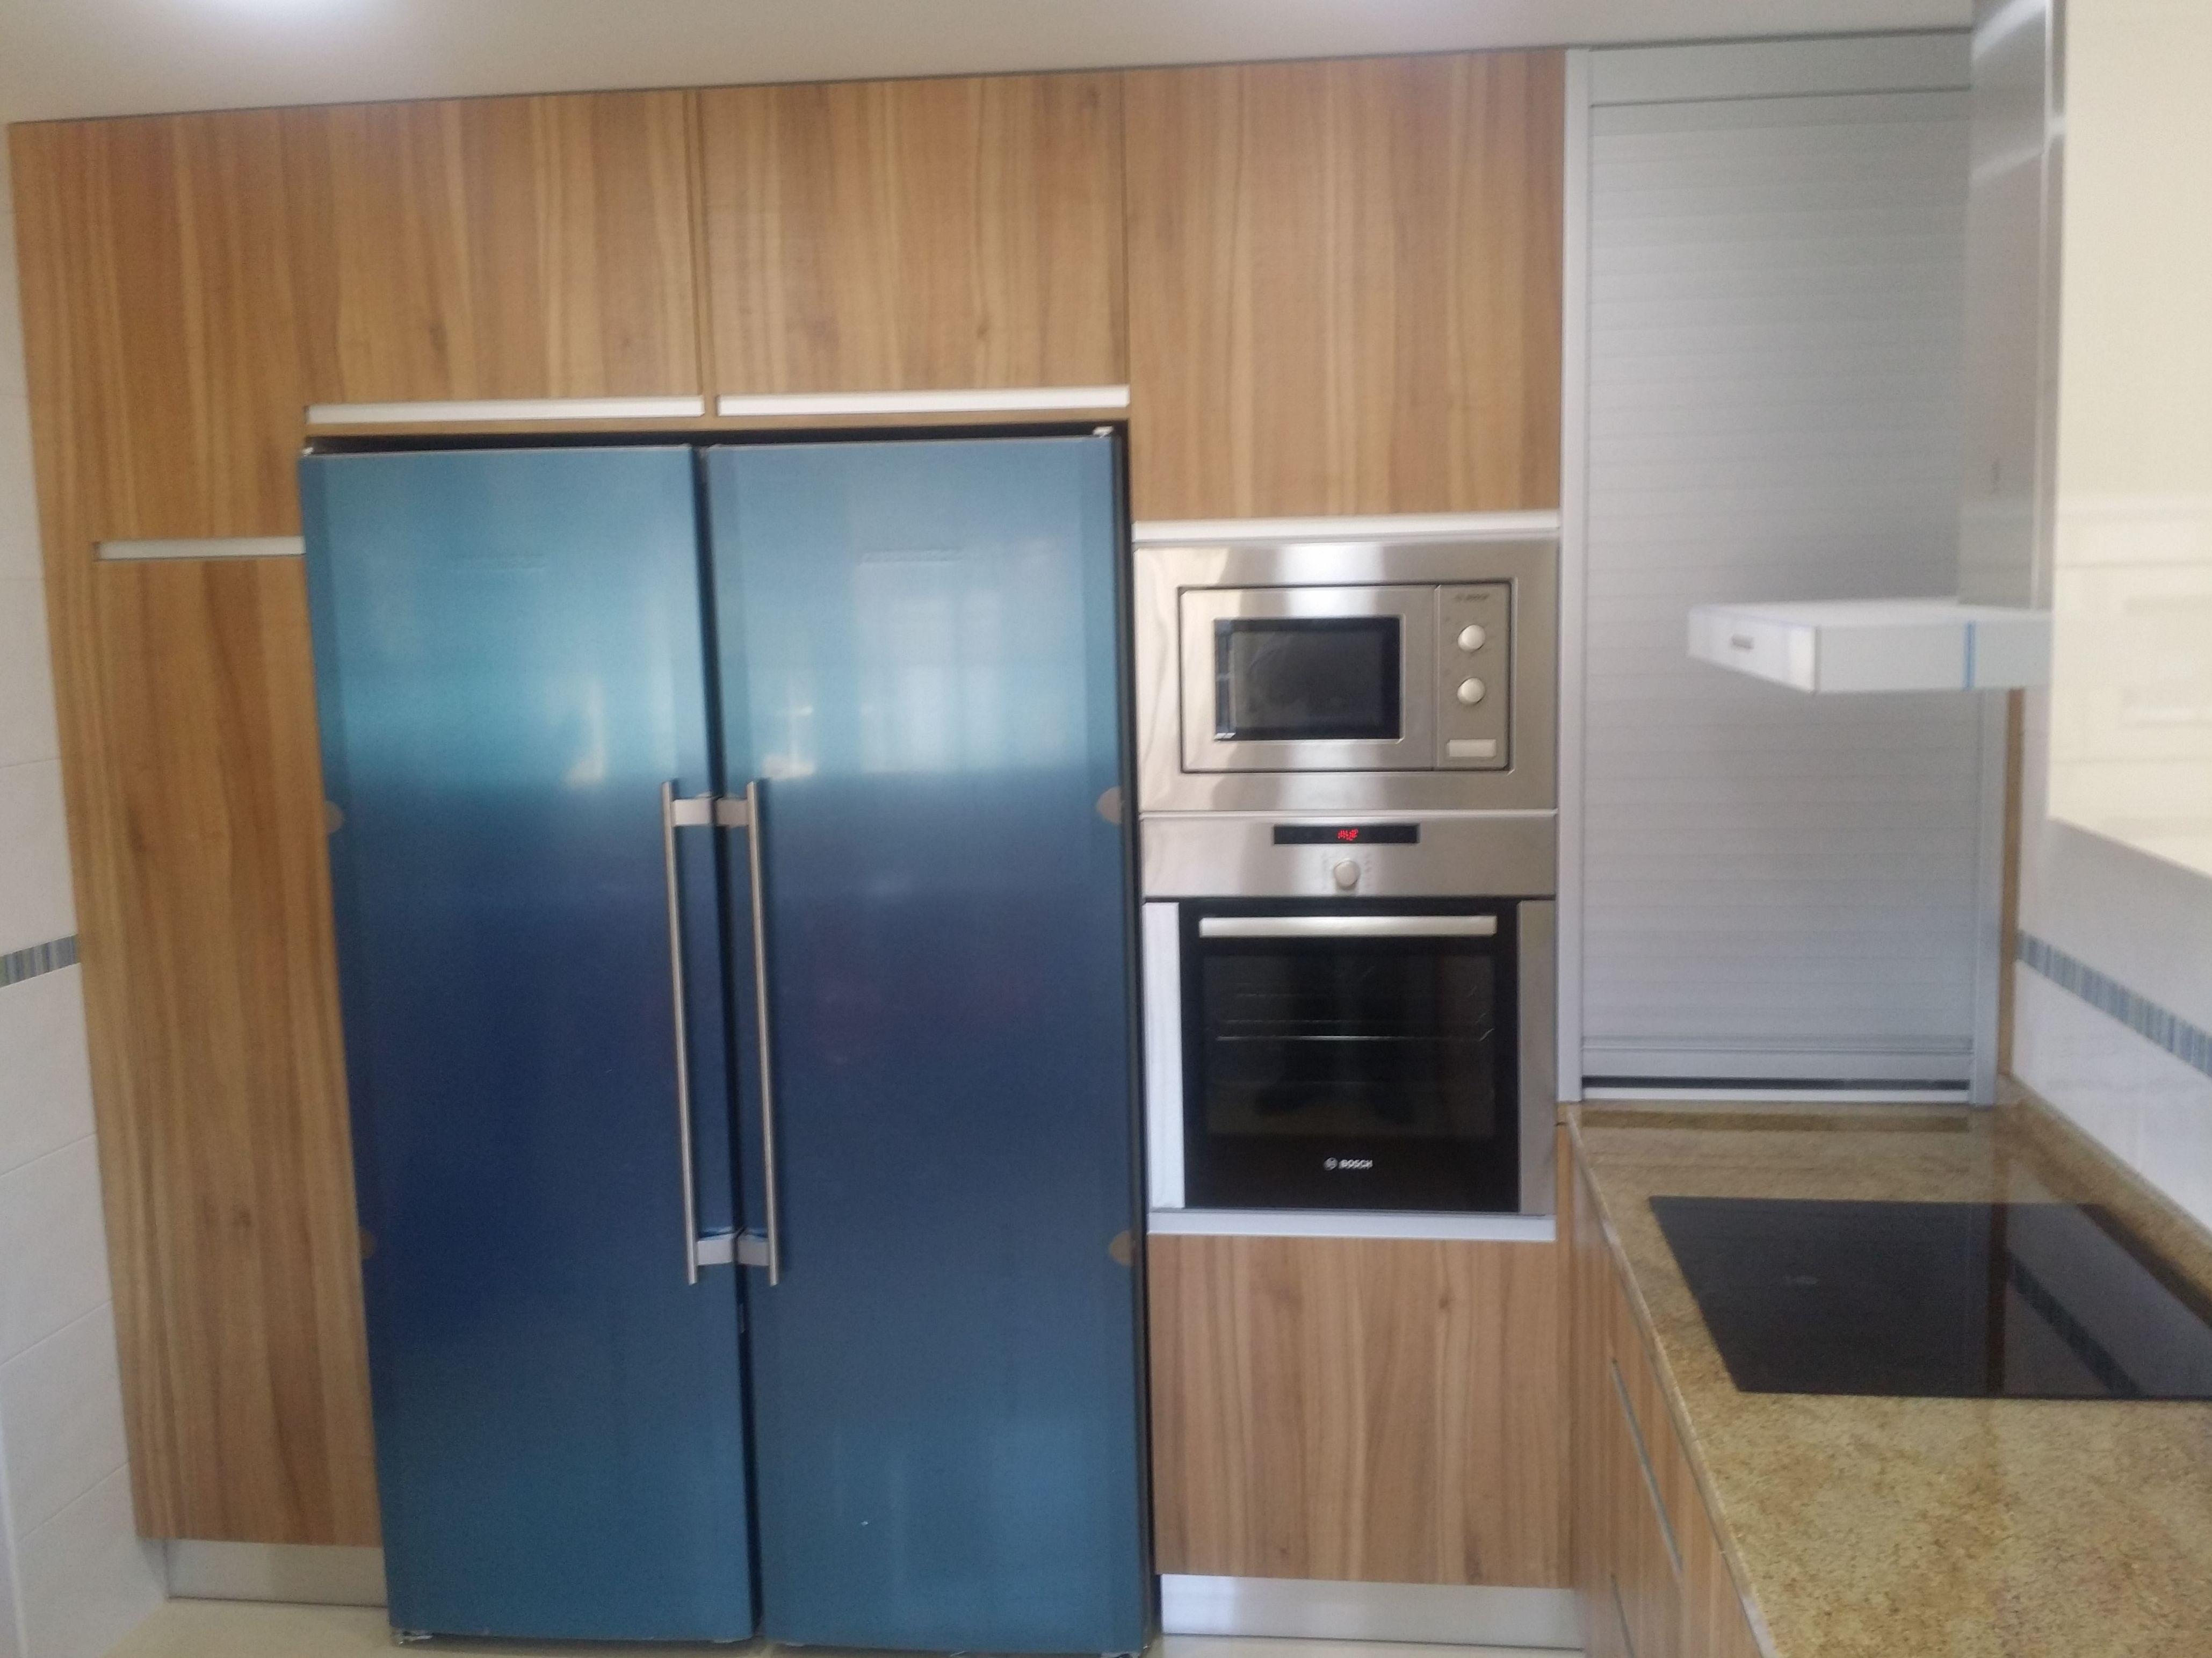 Comprar muebles de cocina baratos en Fuenlabrada: Cocinas Vos